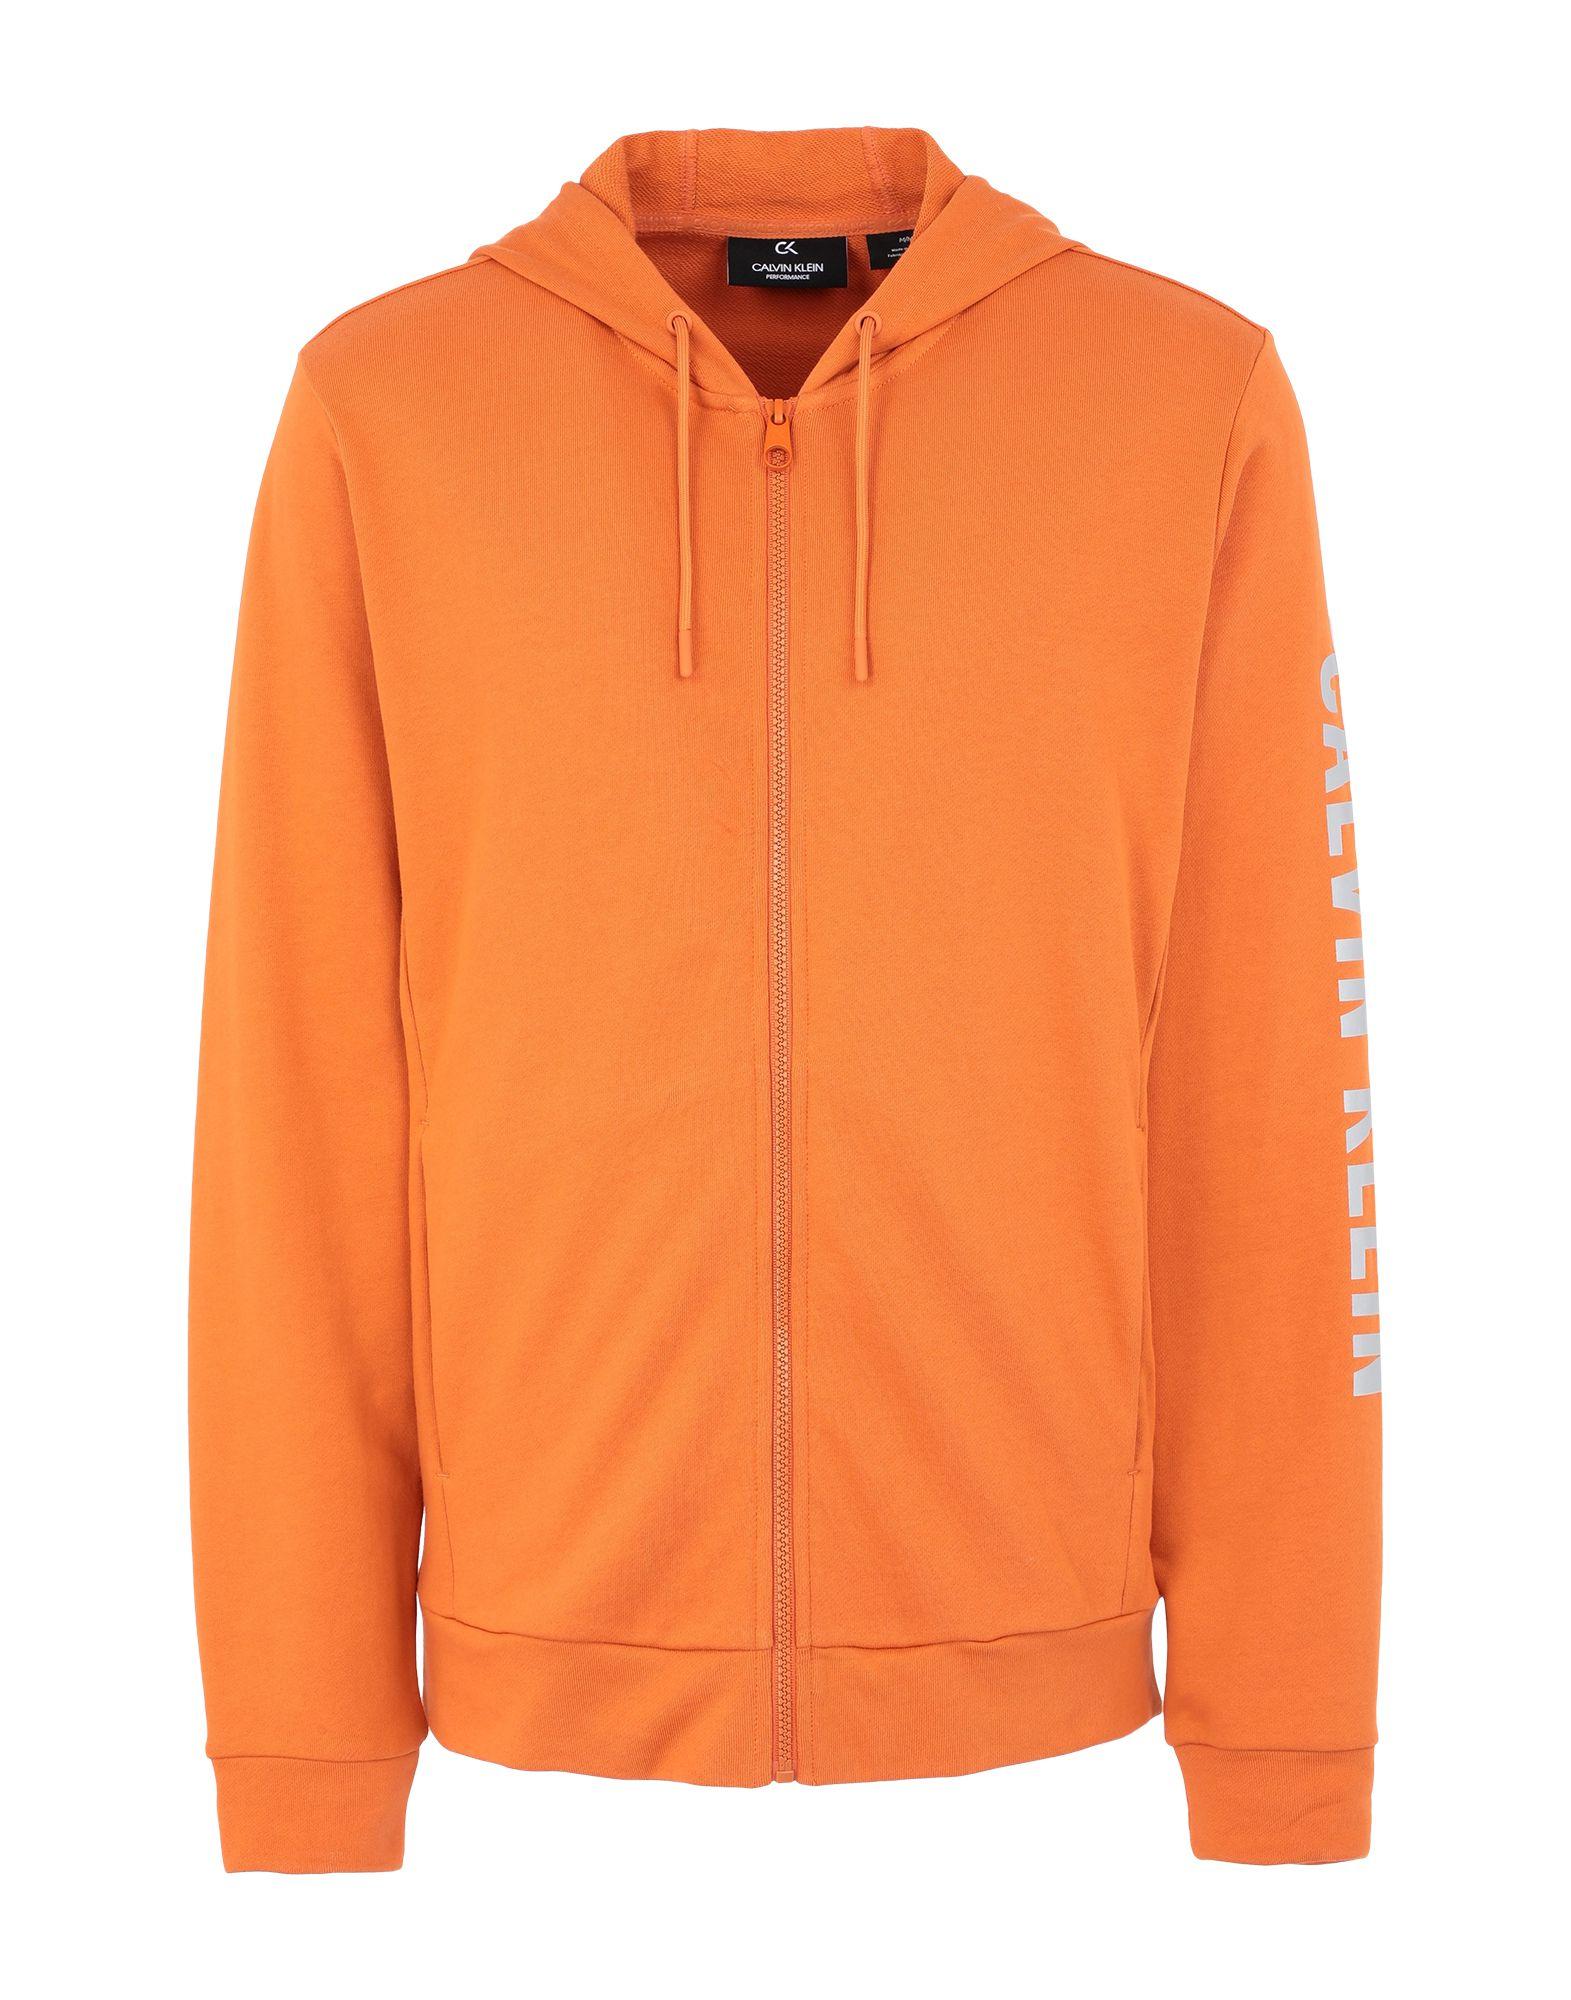 《セール開催中》CALVIN KLEIN PERFORMANCE メンズ スウェットシャツ オレンジ S コットン 100% FULL ZIP HOODED JACK